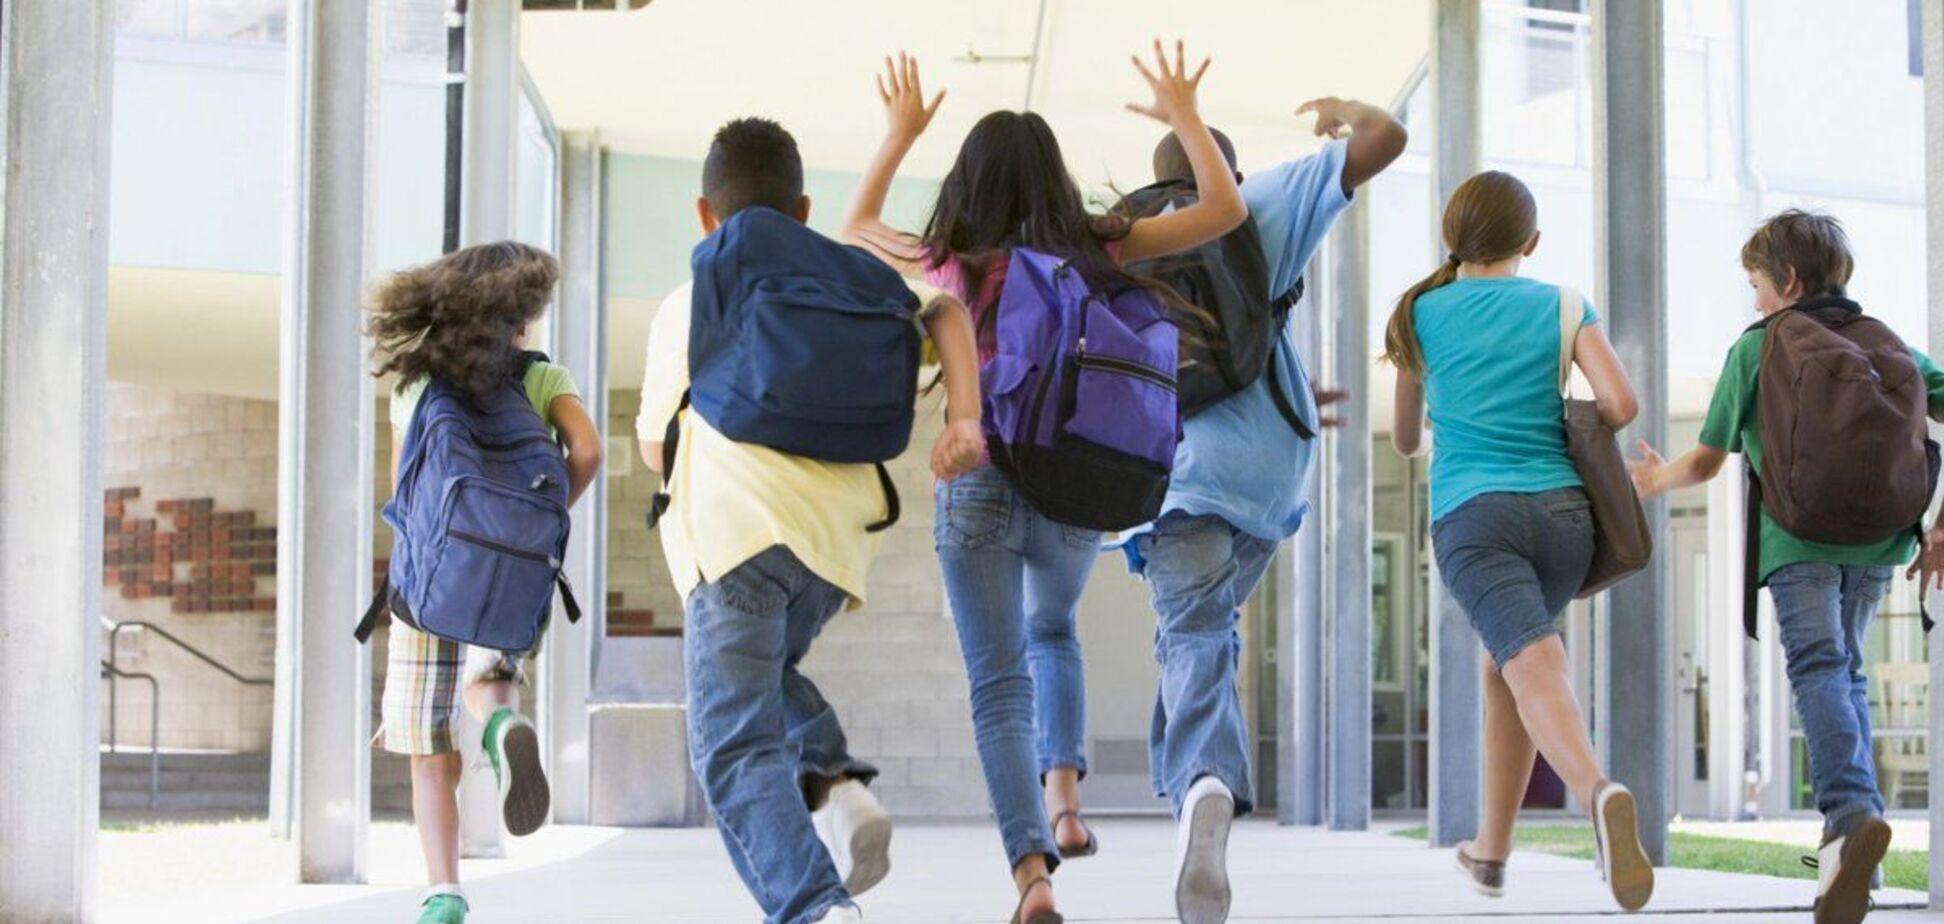 После завершения каникул школы могут перейти на дистанционную или смешанную форму обучения